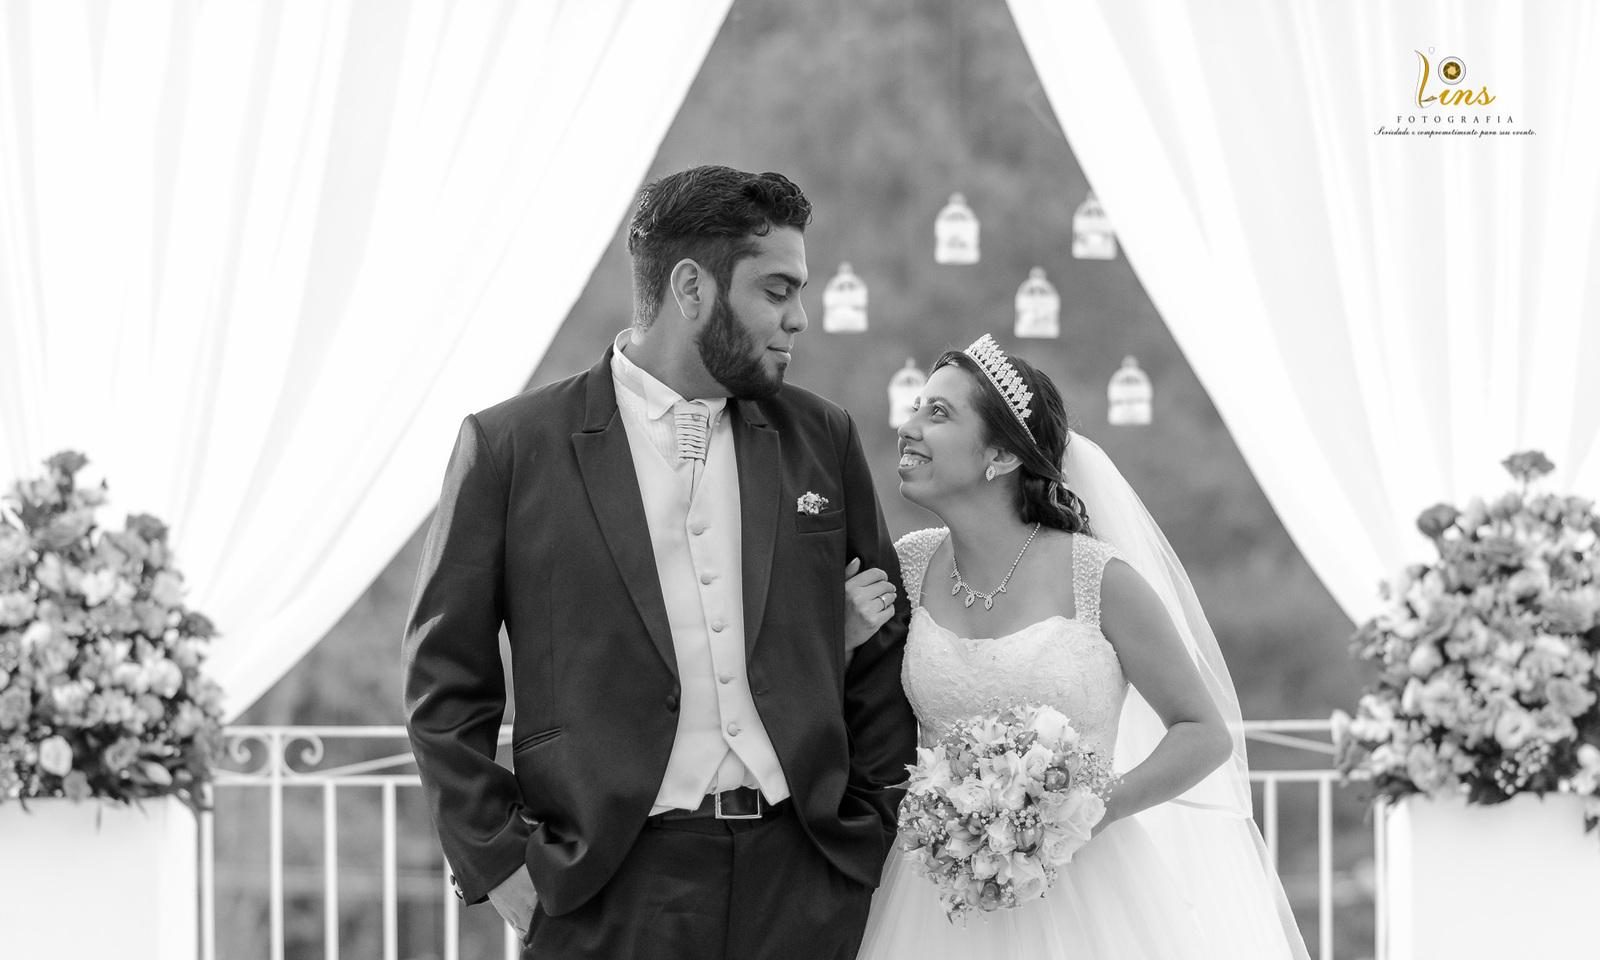 casamento de STEPHANIE & FÁBIO em Chácara Athenas - Guarulhos SP